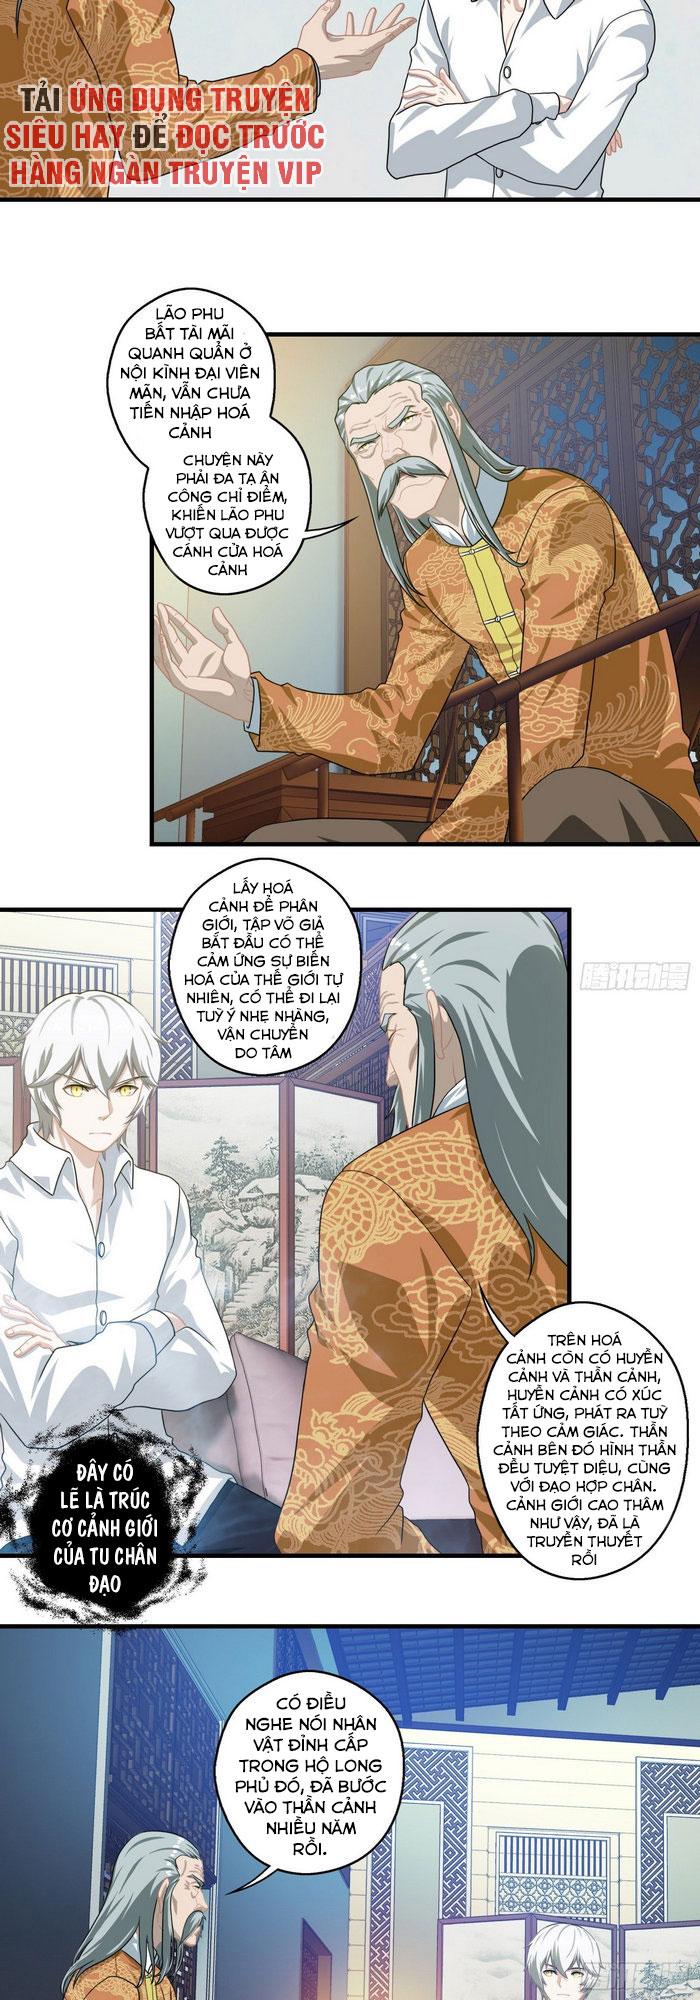 Ta Tu Linh Mạch Ở Hoa Hạ chap 7 - Trang 2